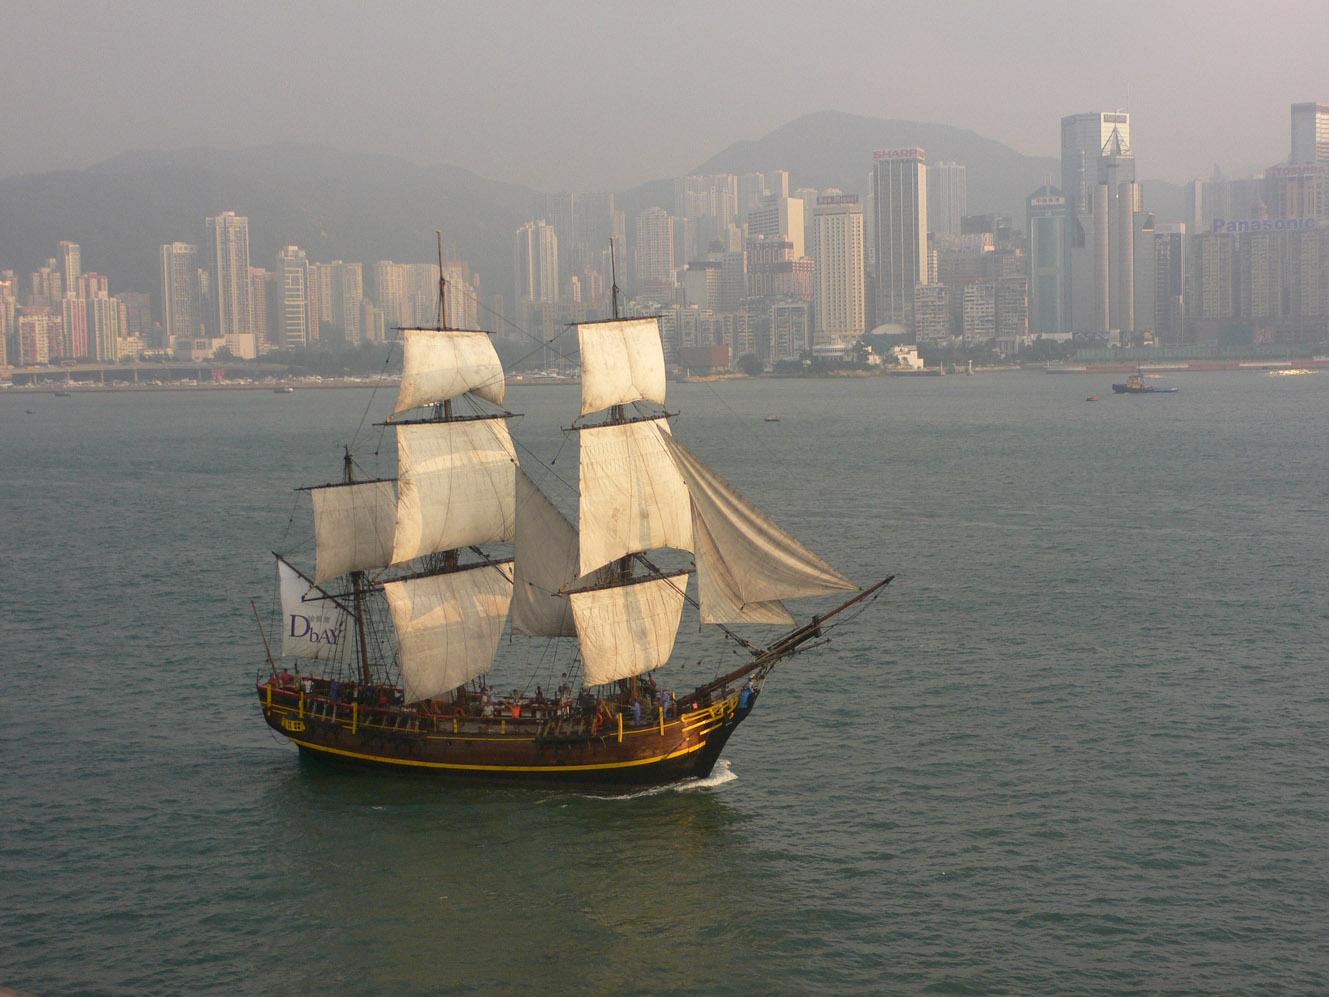 船・ふね・フネ: カティ〜サ〜~ク~〜♪(香港)_a0249132_19401052.jpg